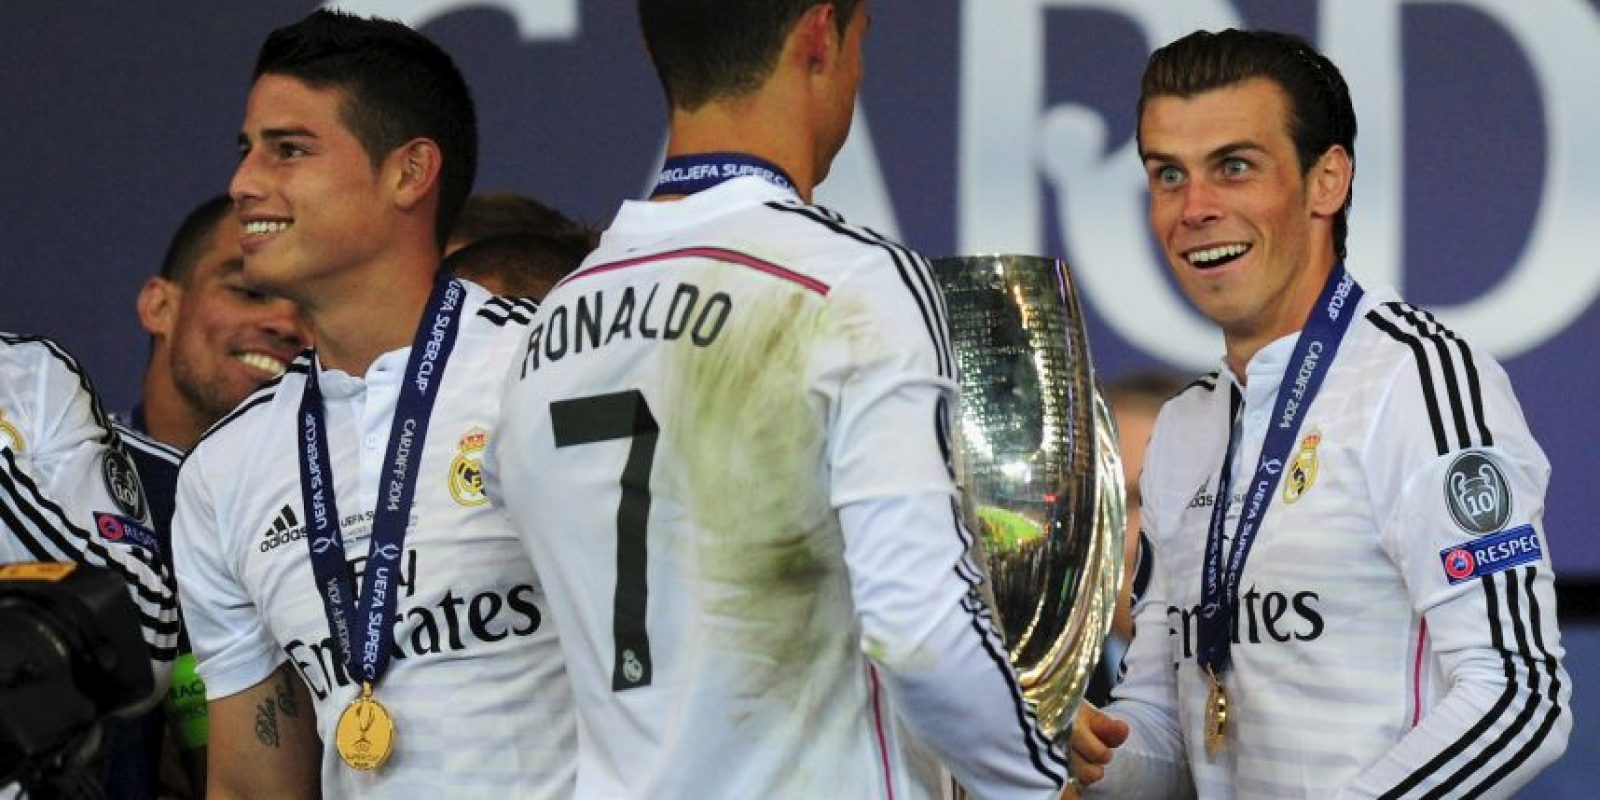 Ellos son los futbolistas que más dinero han ingresado por publicidad al Real Madrid en 2015: 37 millones de euros. Foto:Getty Images